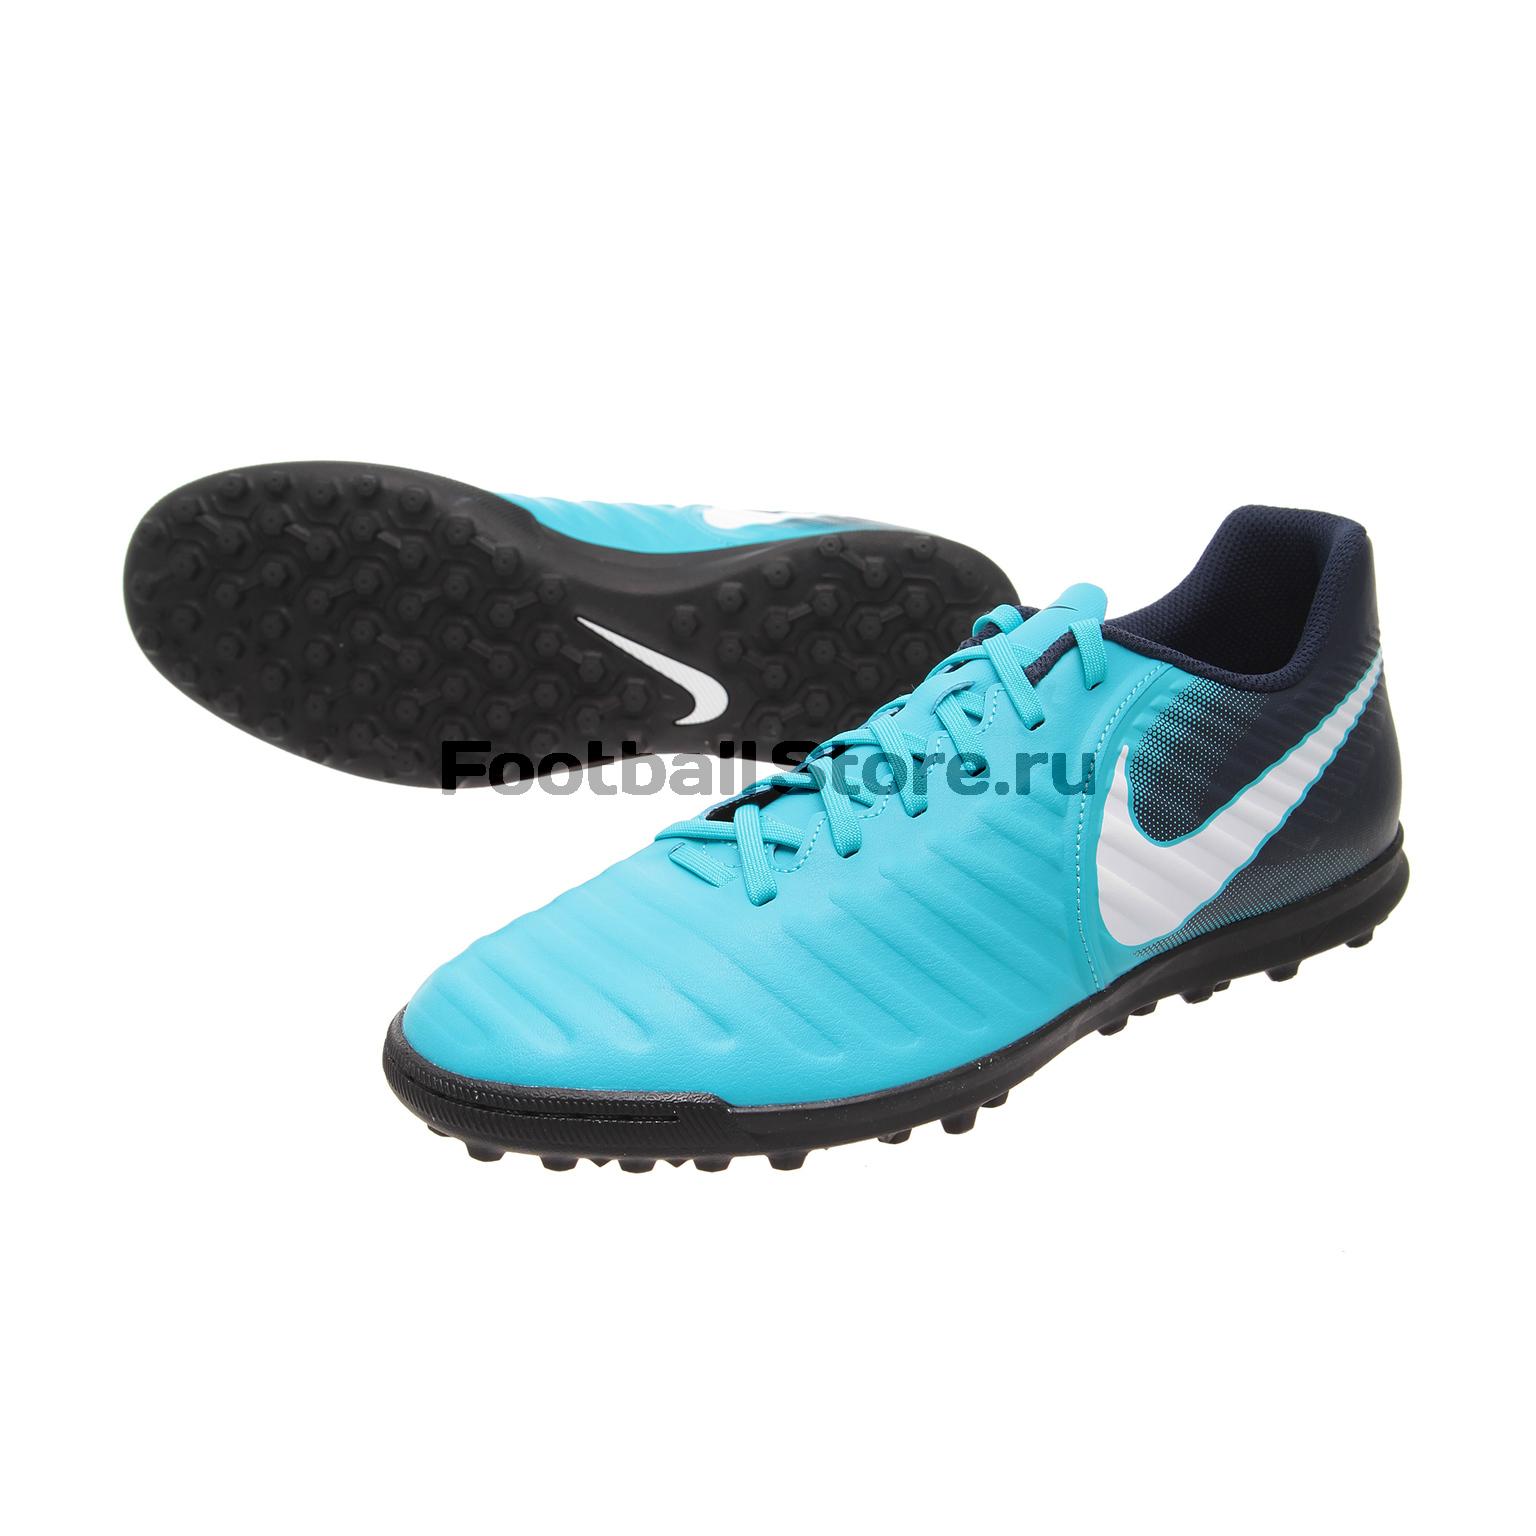 Шиповки Nike Шиповки Nike TiempoX Rio IV TF 897770-414 шиповки nike шиповки nike tiempo rio tf 897770 008